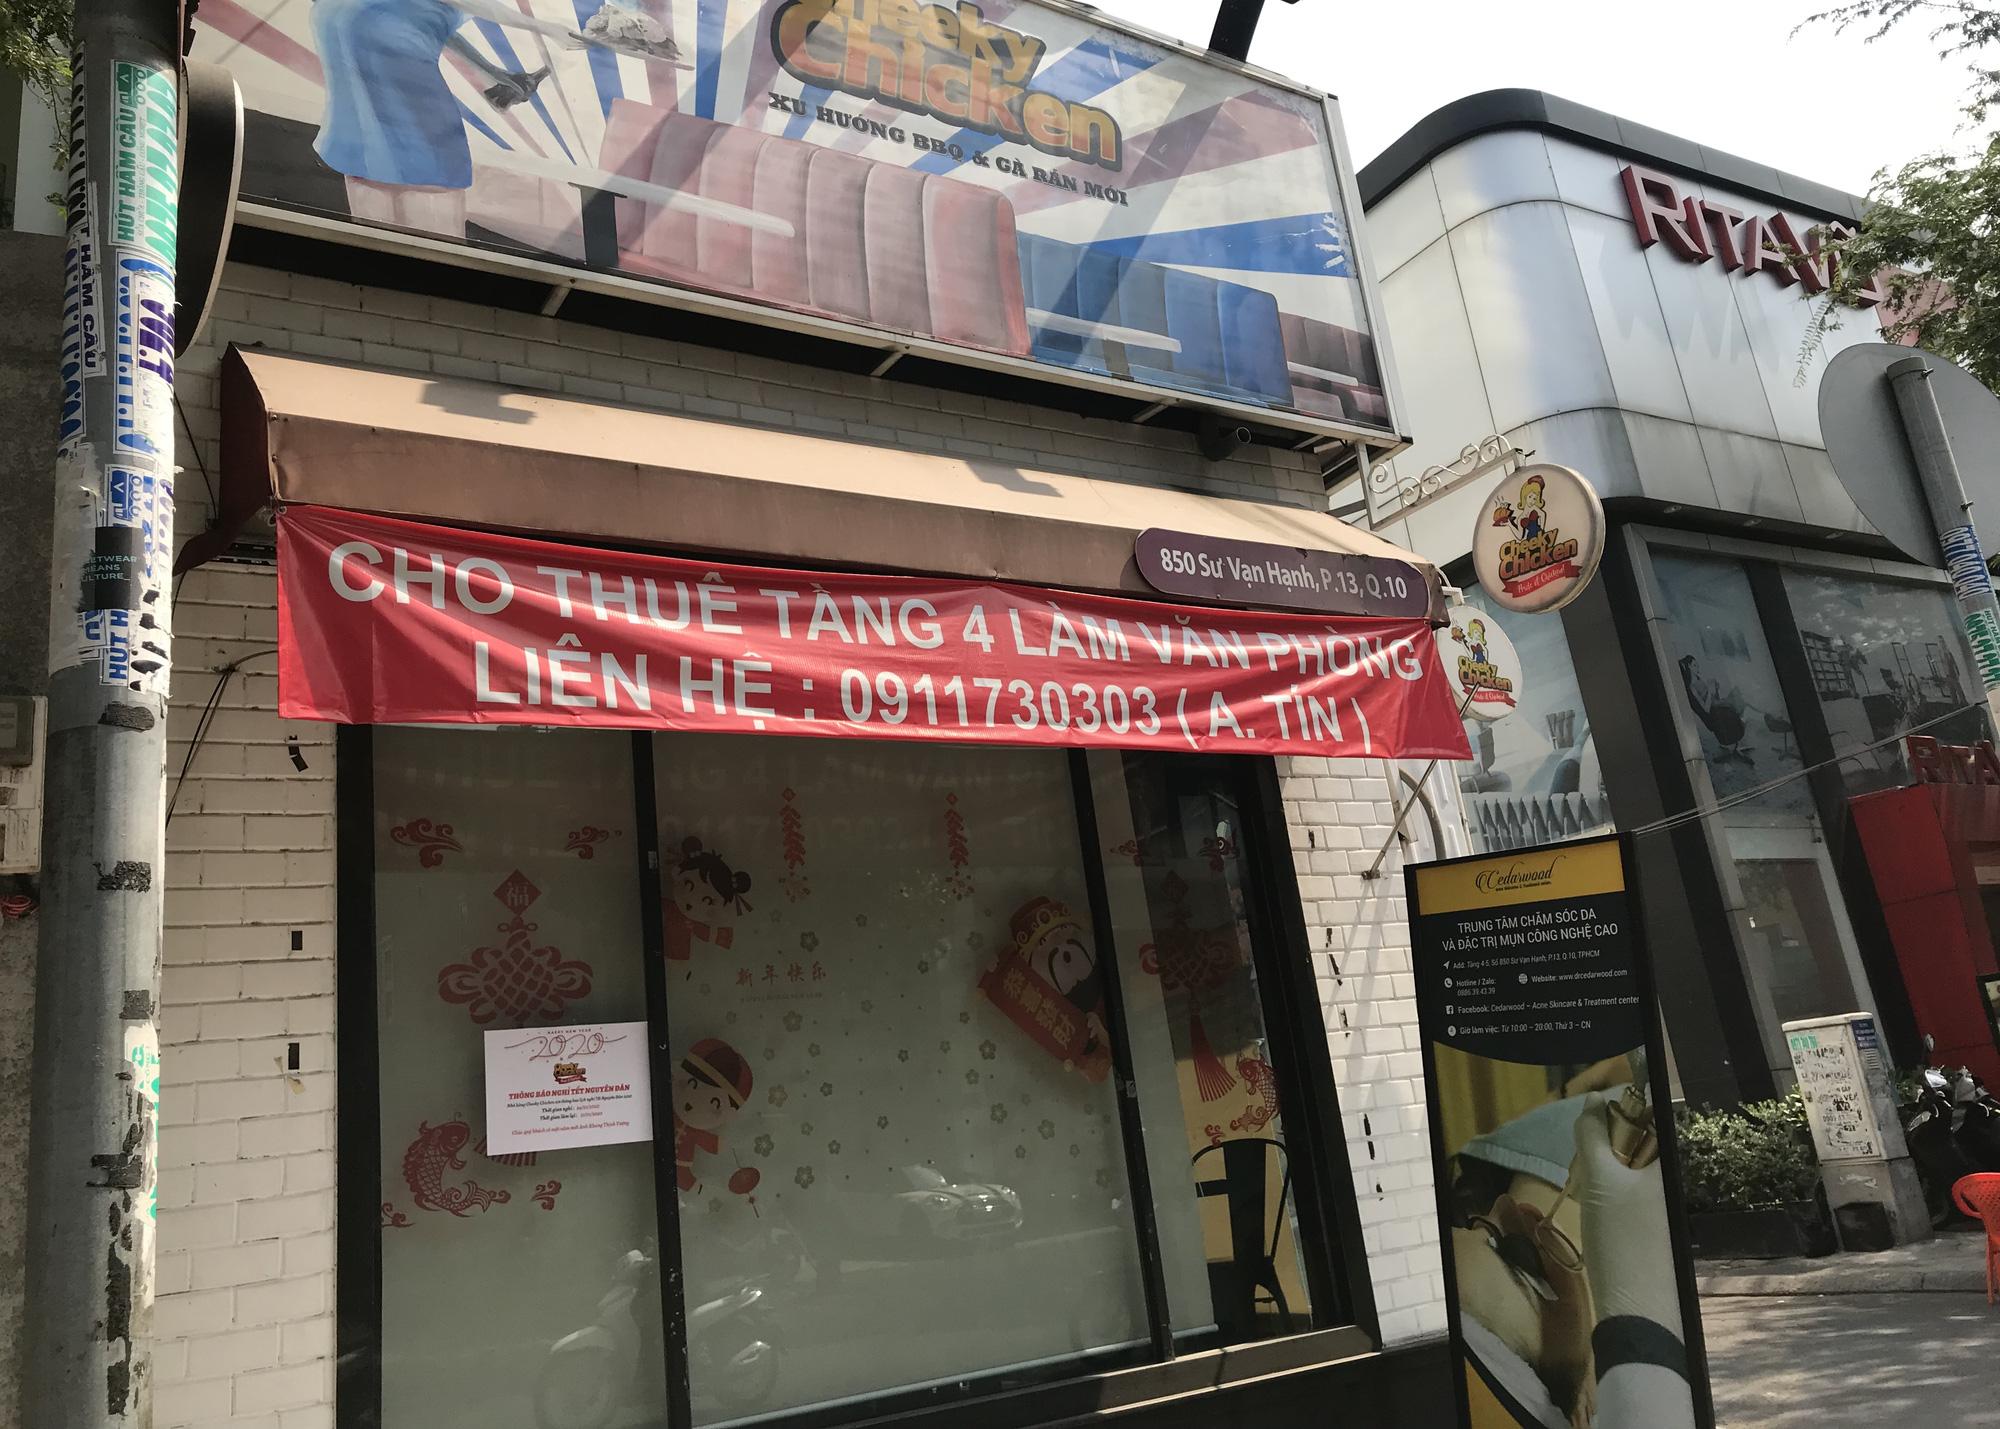 Hàng quán Sài Gòn còn ăn Tết, đóng cửa im ỉm, chưa khai trương dù đã bước qua mùng 7 - Ảnh 9.